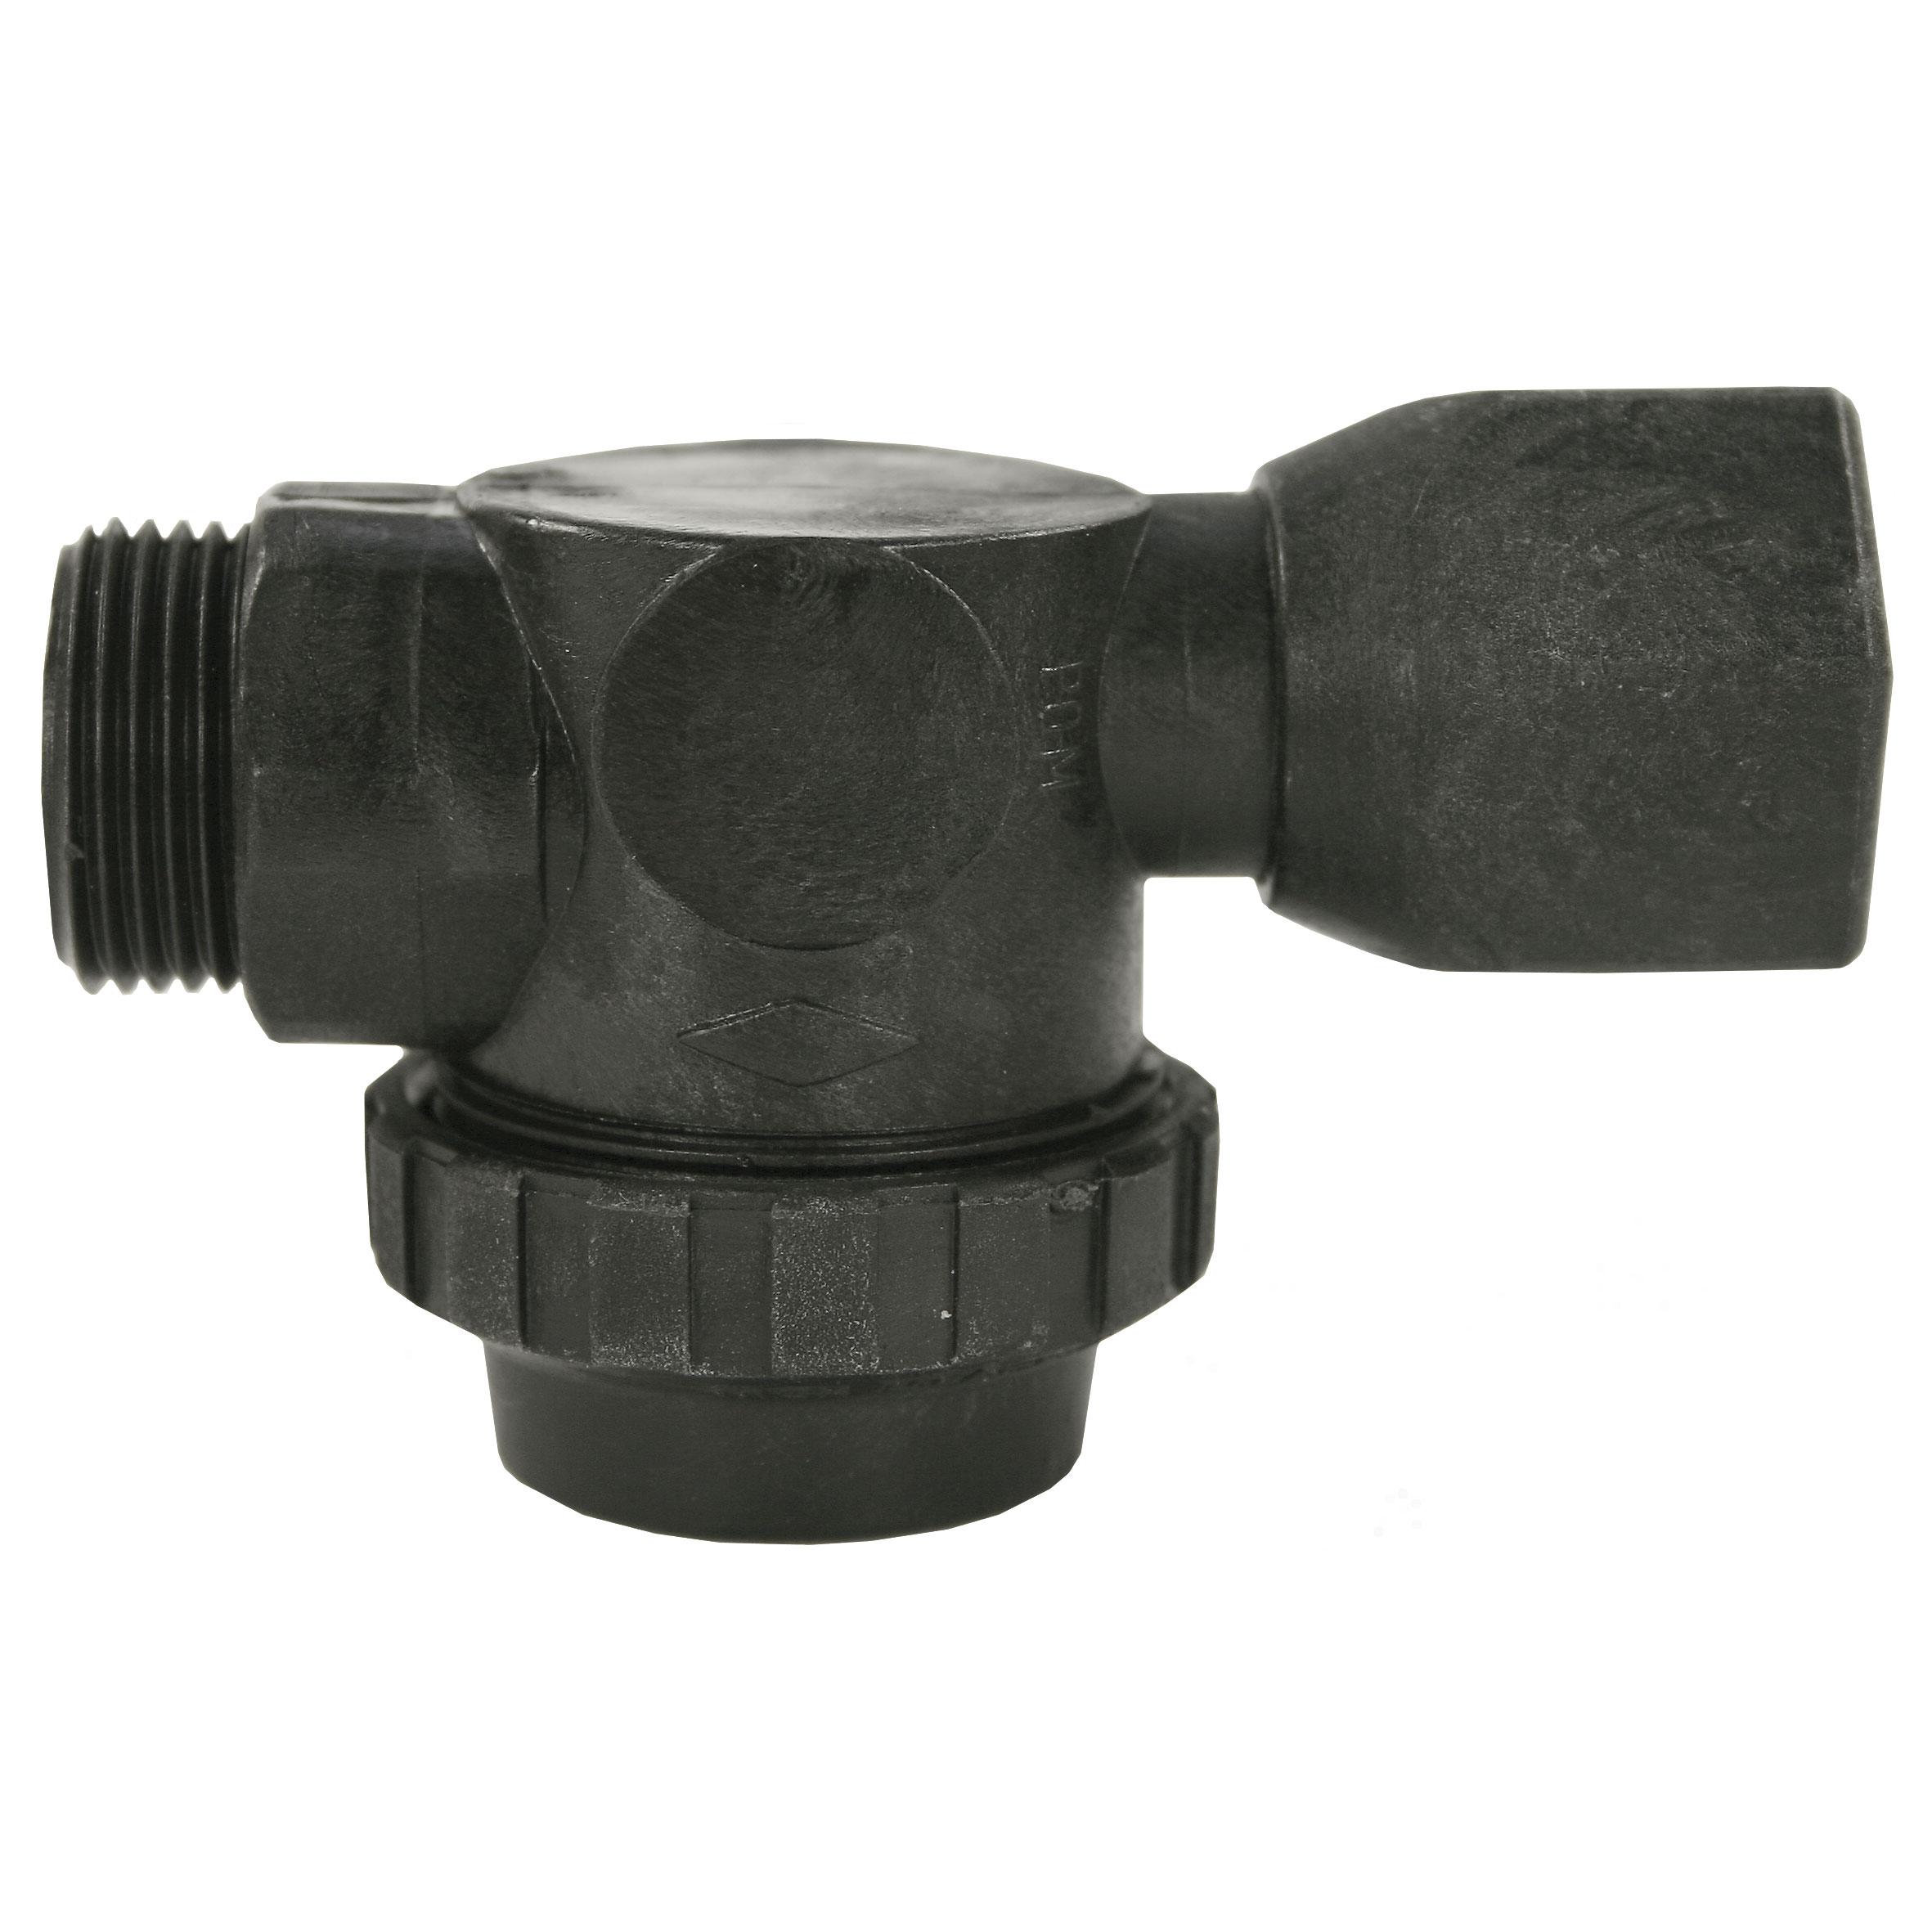 Filtre d'alimentation d'eau complet avec élément filtrant 400 micron. Max. 10 bar / 60 l/min / 60 °C